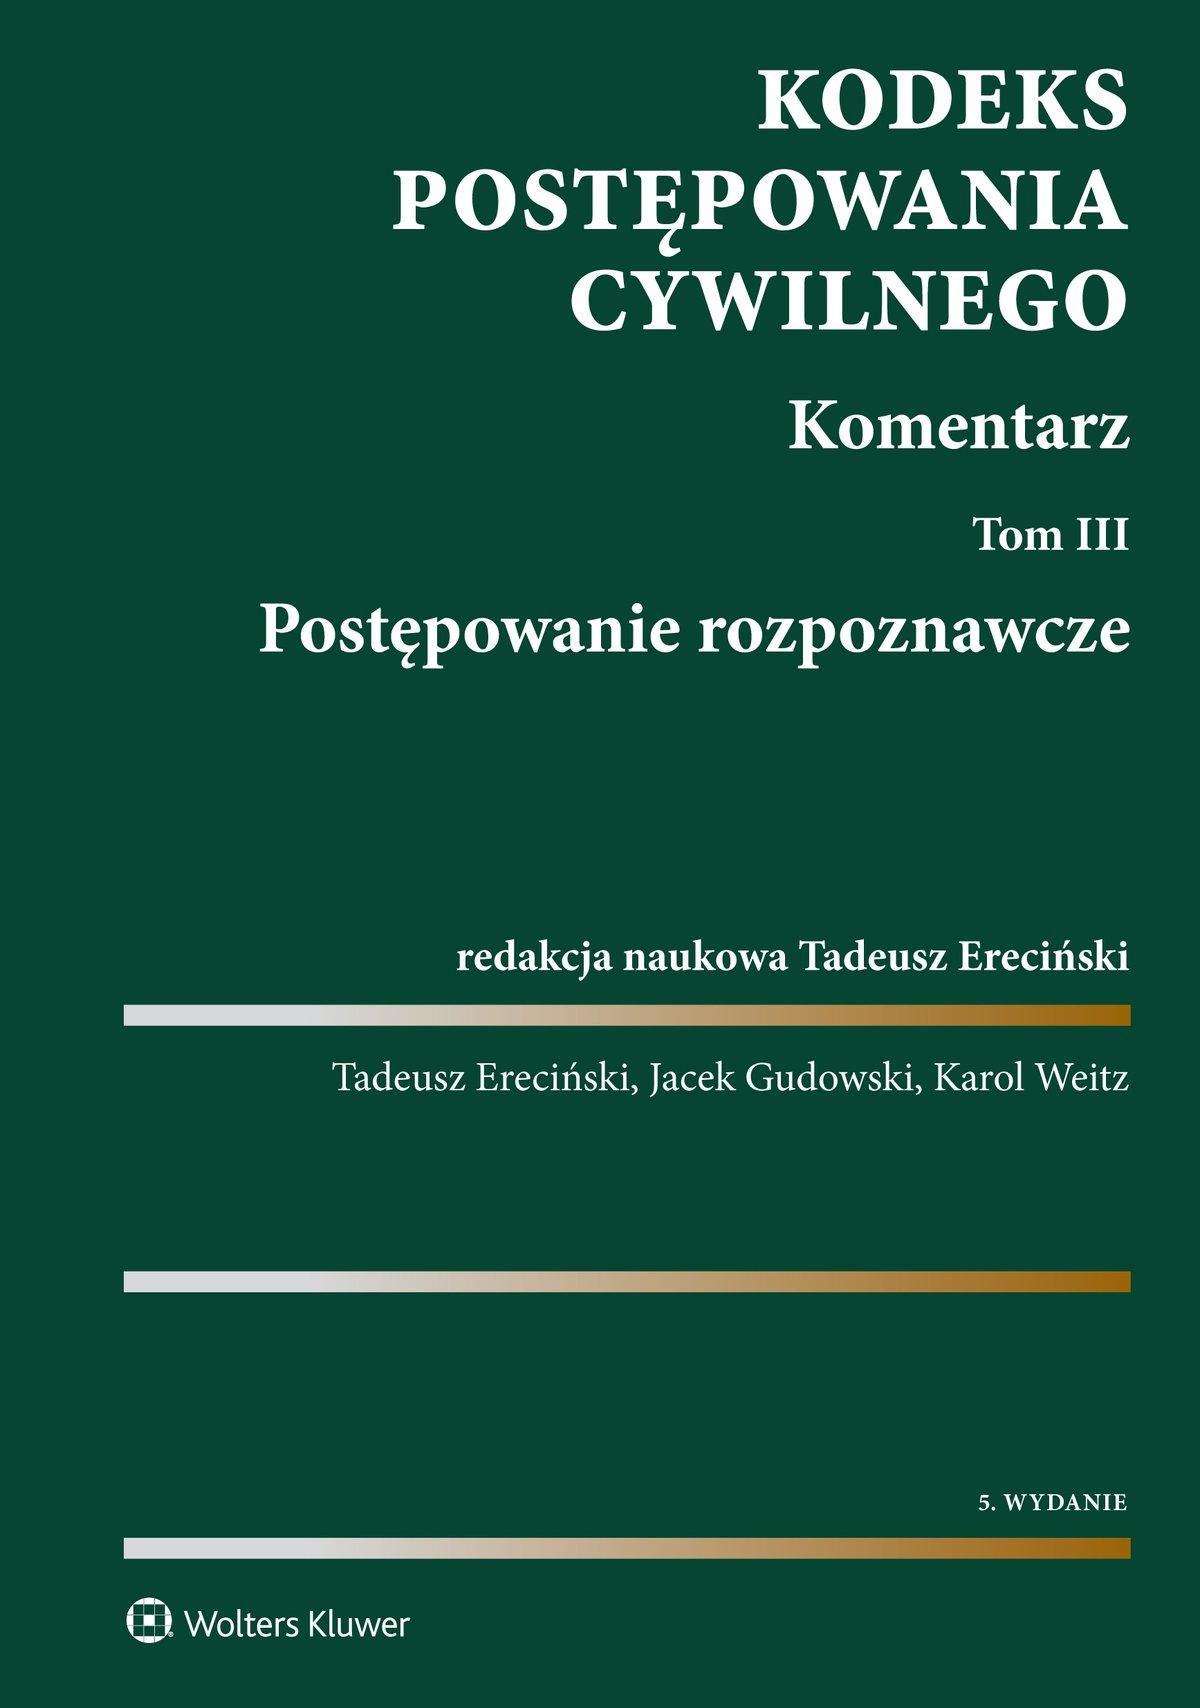 Kodeks postępowania cywilnego. Komentarz. Tom 3. Postępowanie rozpoznawcze - Ebook (Książka PDF) do pobrania w formacie PDF